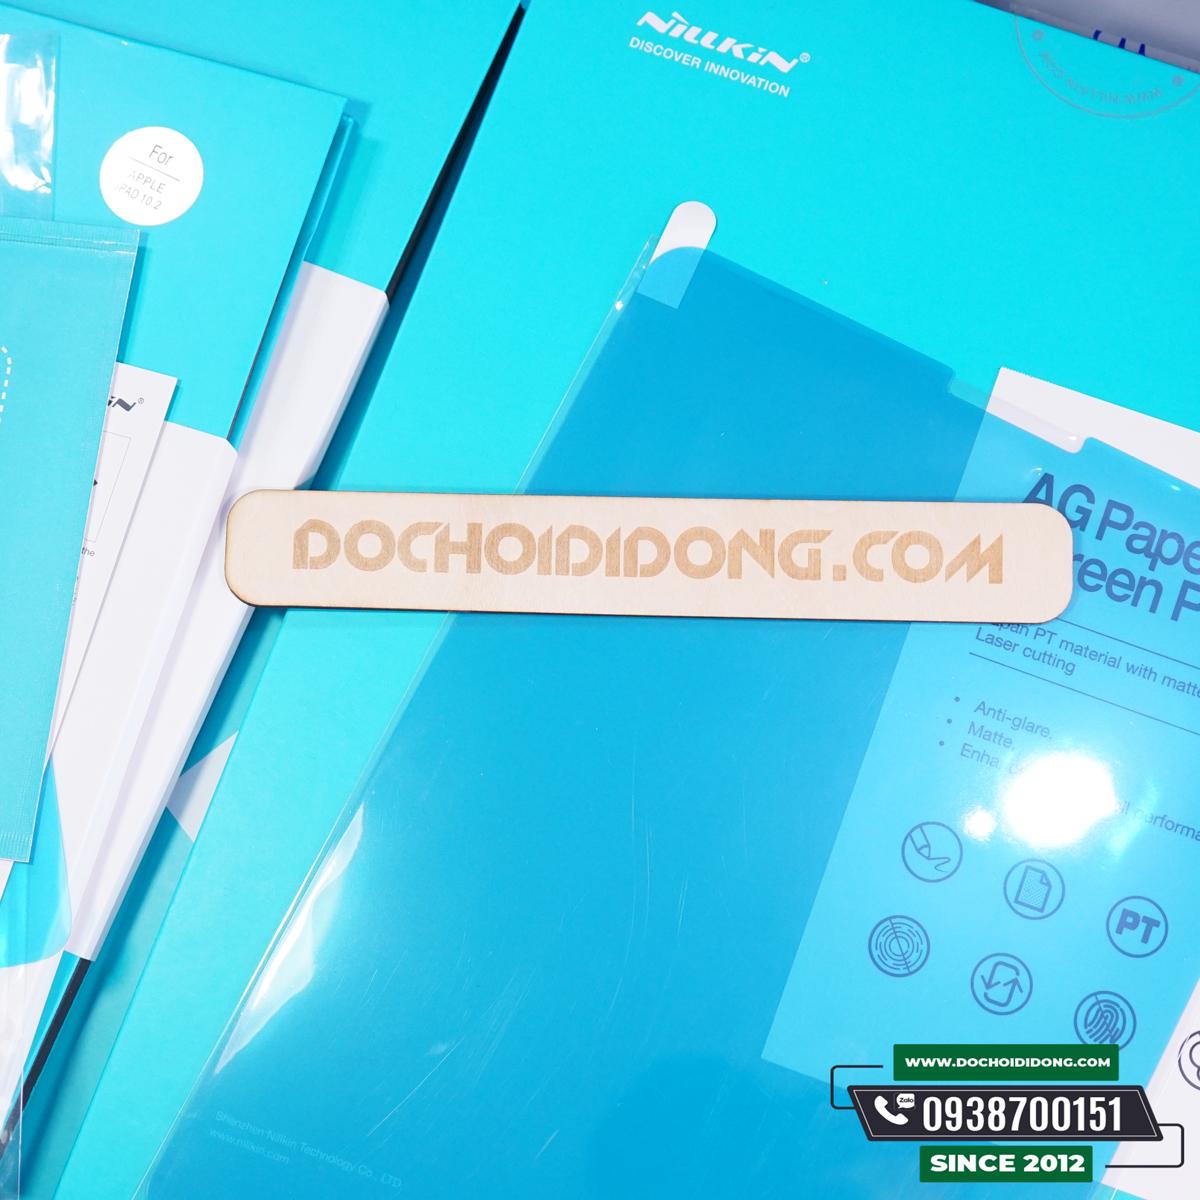 Miếng Dán PPF Paper Like Nillkin Ipad Mini 4 / 5/ 9.7/ 10.2/ 10.5/ 11/ 12.9 Các Đời Chống Vân Tay